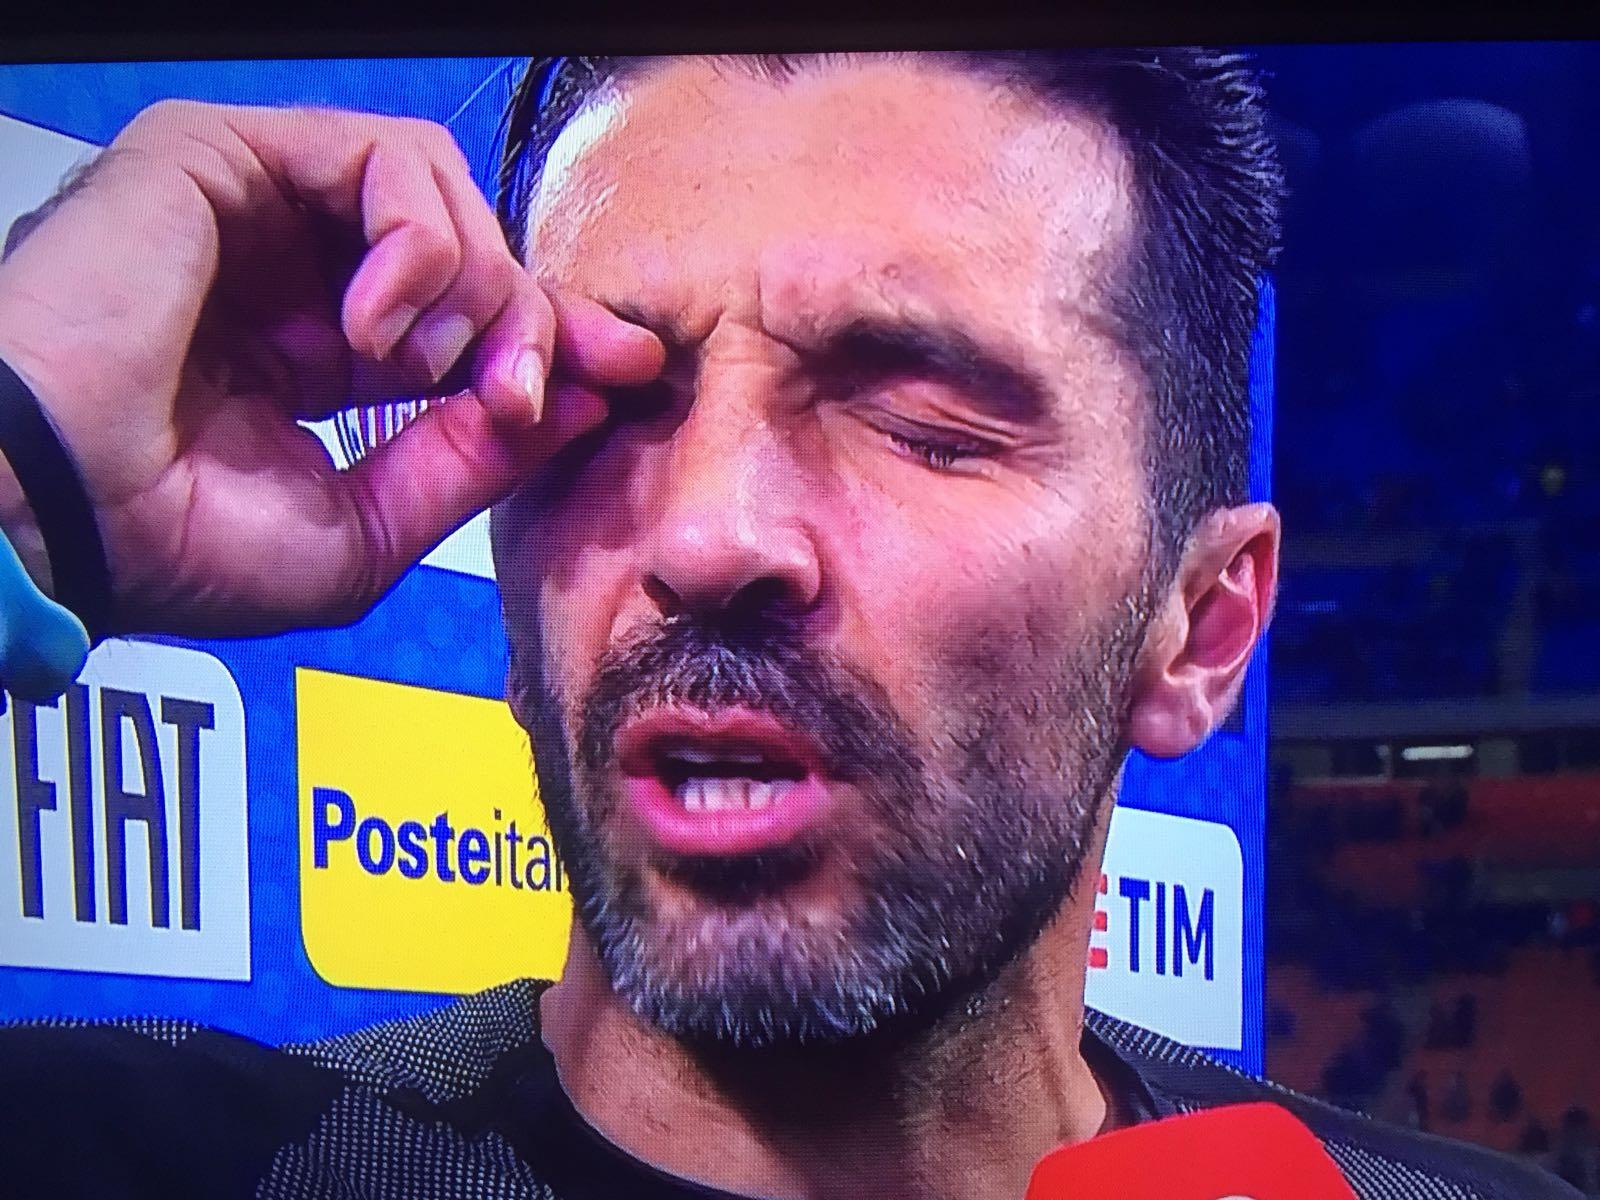 """Un Buffon in lacrime dice addio alla Nazionale. L'ultima gara del portiere azzurro è amara, l'Italia manca la qualificazione al Mondiale di Russia. """"Dispiace per il movimento, abbiamo fallito un qualcosa che a livello sociale poteva essere importante. Non ho il rammarico di finire, alla fine il tempo è tiranno. Mi dispiace che l'ultima gara coincida con una non qualificazione"""", afferma un commosso Buffon alla Rai. >> ITALIA – SVEZIA: LE PAGELLE """"Non abbiamo sottovalutato gli avversari, sapevamo cosa significano quest due sfide. Non siamo riusciti ad esprimere il meglio"""". Difficile analizzare un fallimento del genere. """"Ci è mancata lucidità,"""